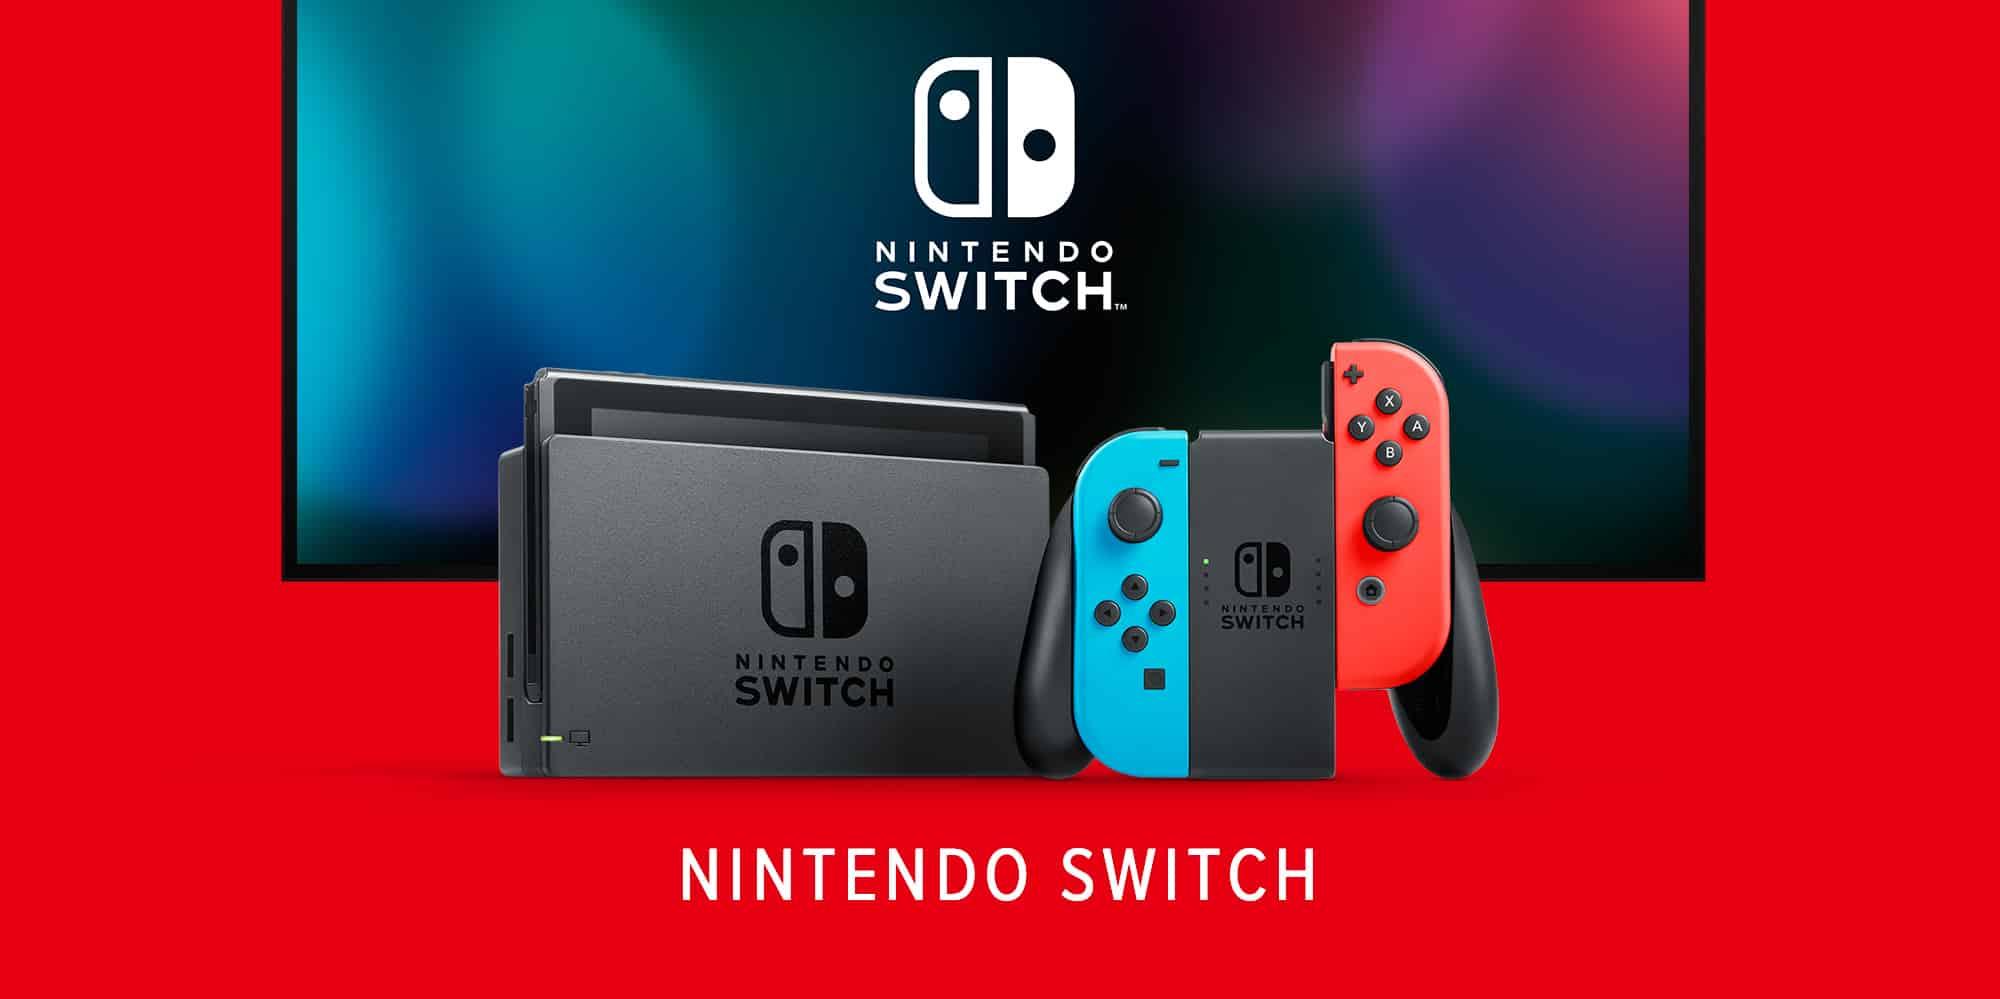 Jogos de Nintendo Switch: Conheça os 11 melhores games do console